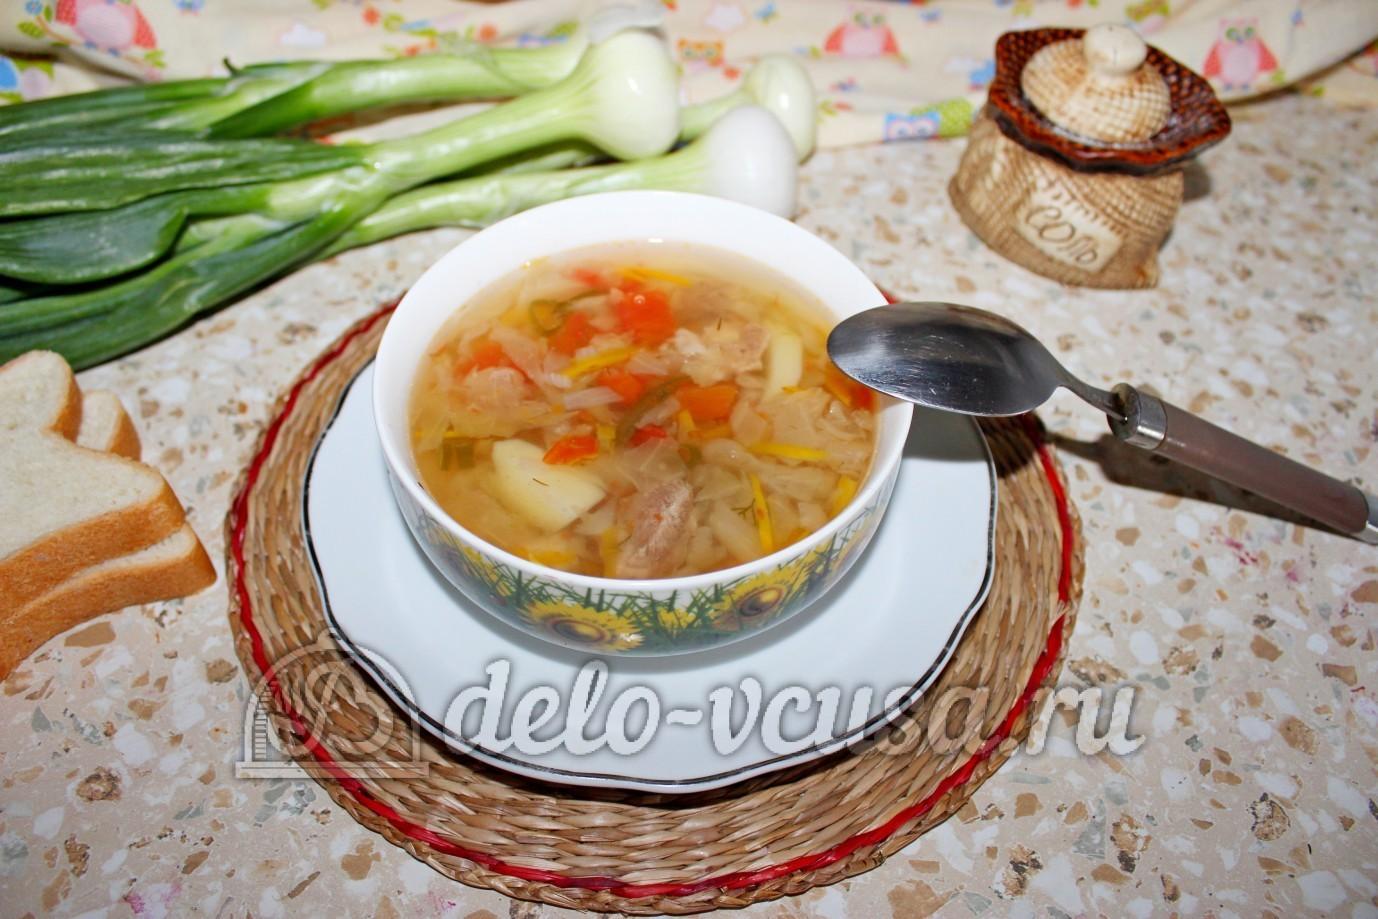 Рецепт щей из свежей капусты в мультиварке с курицей рецепты пошагово